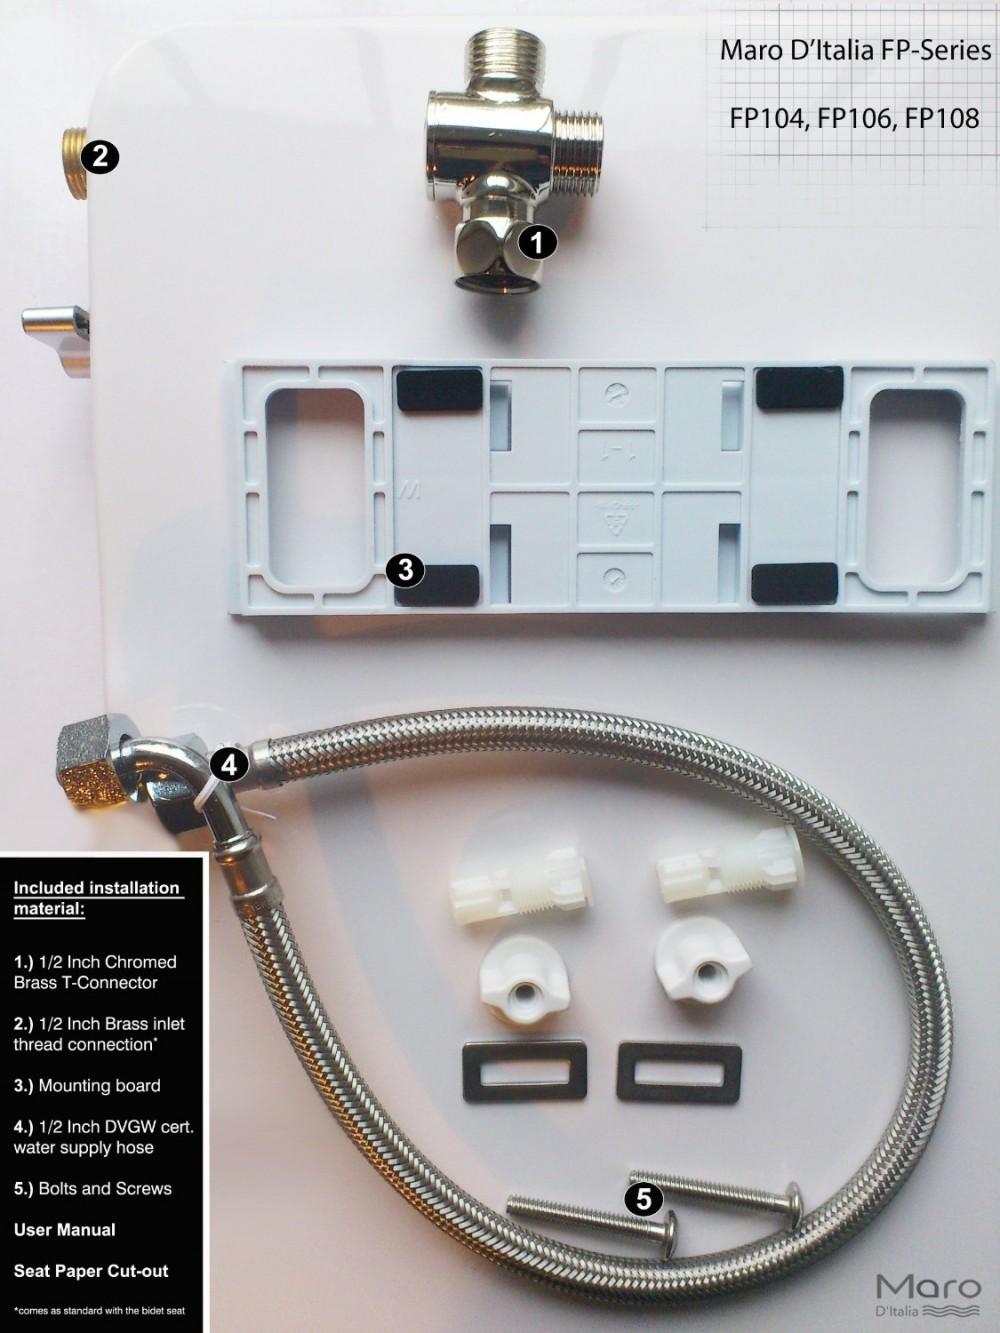 maro fp104 installation material